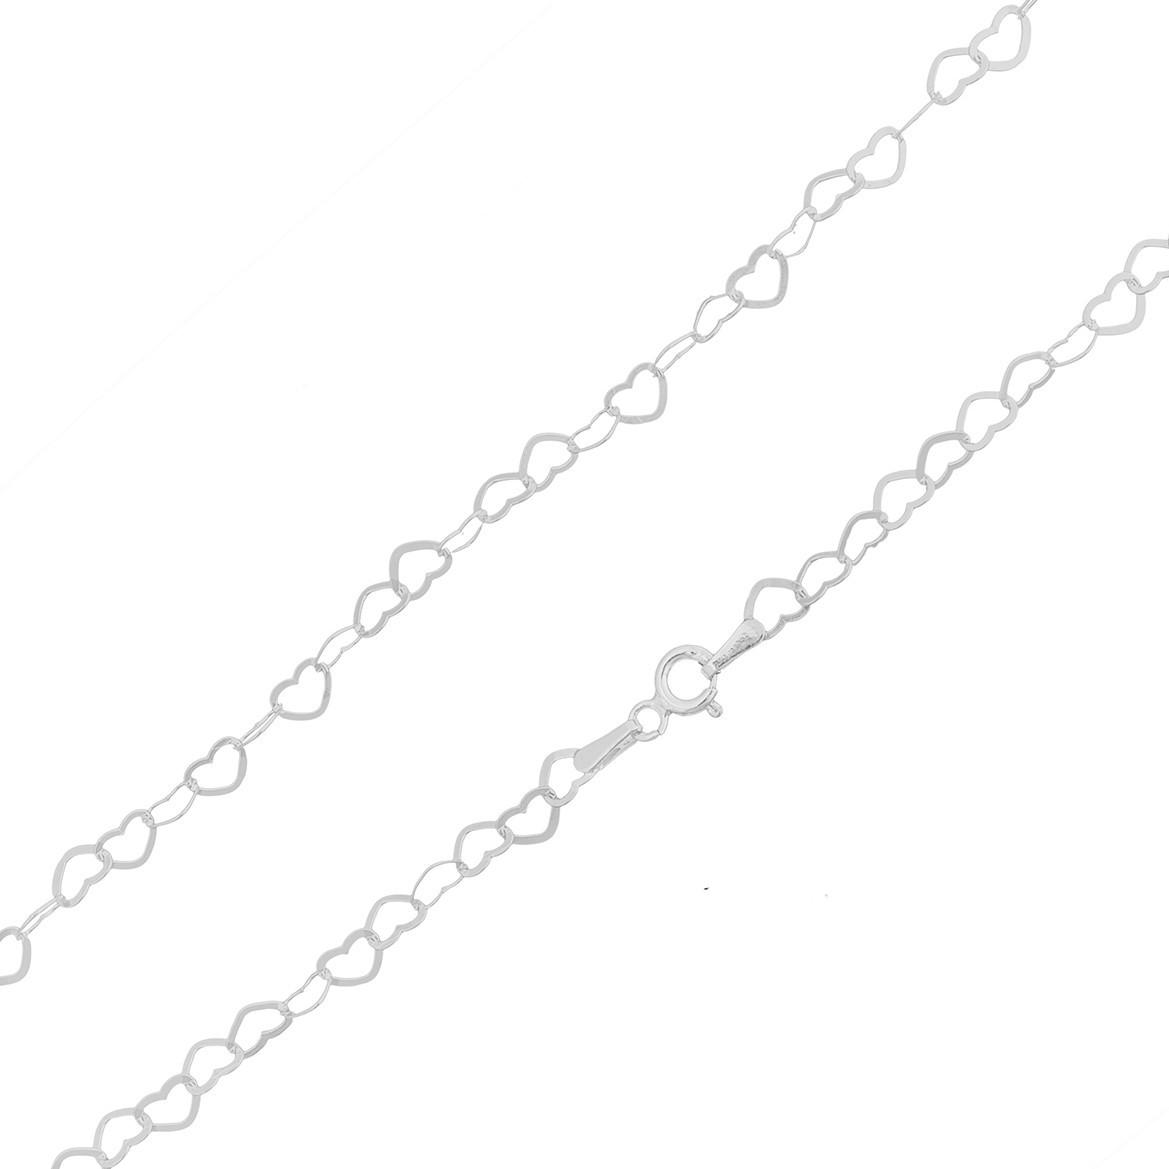 Cordão Corrente Colar Coração Prata 925 Maciça Feminina 45cm